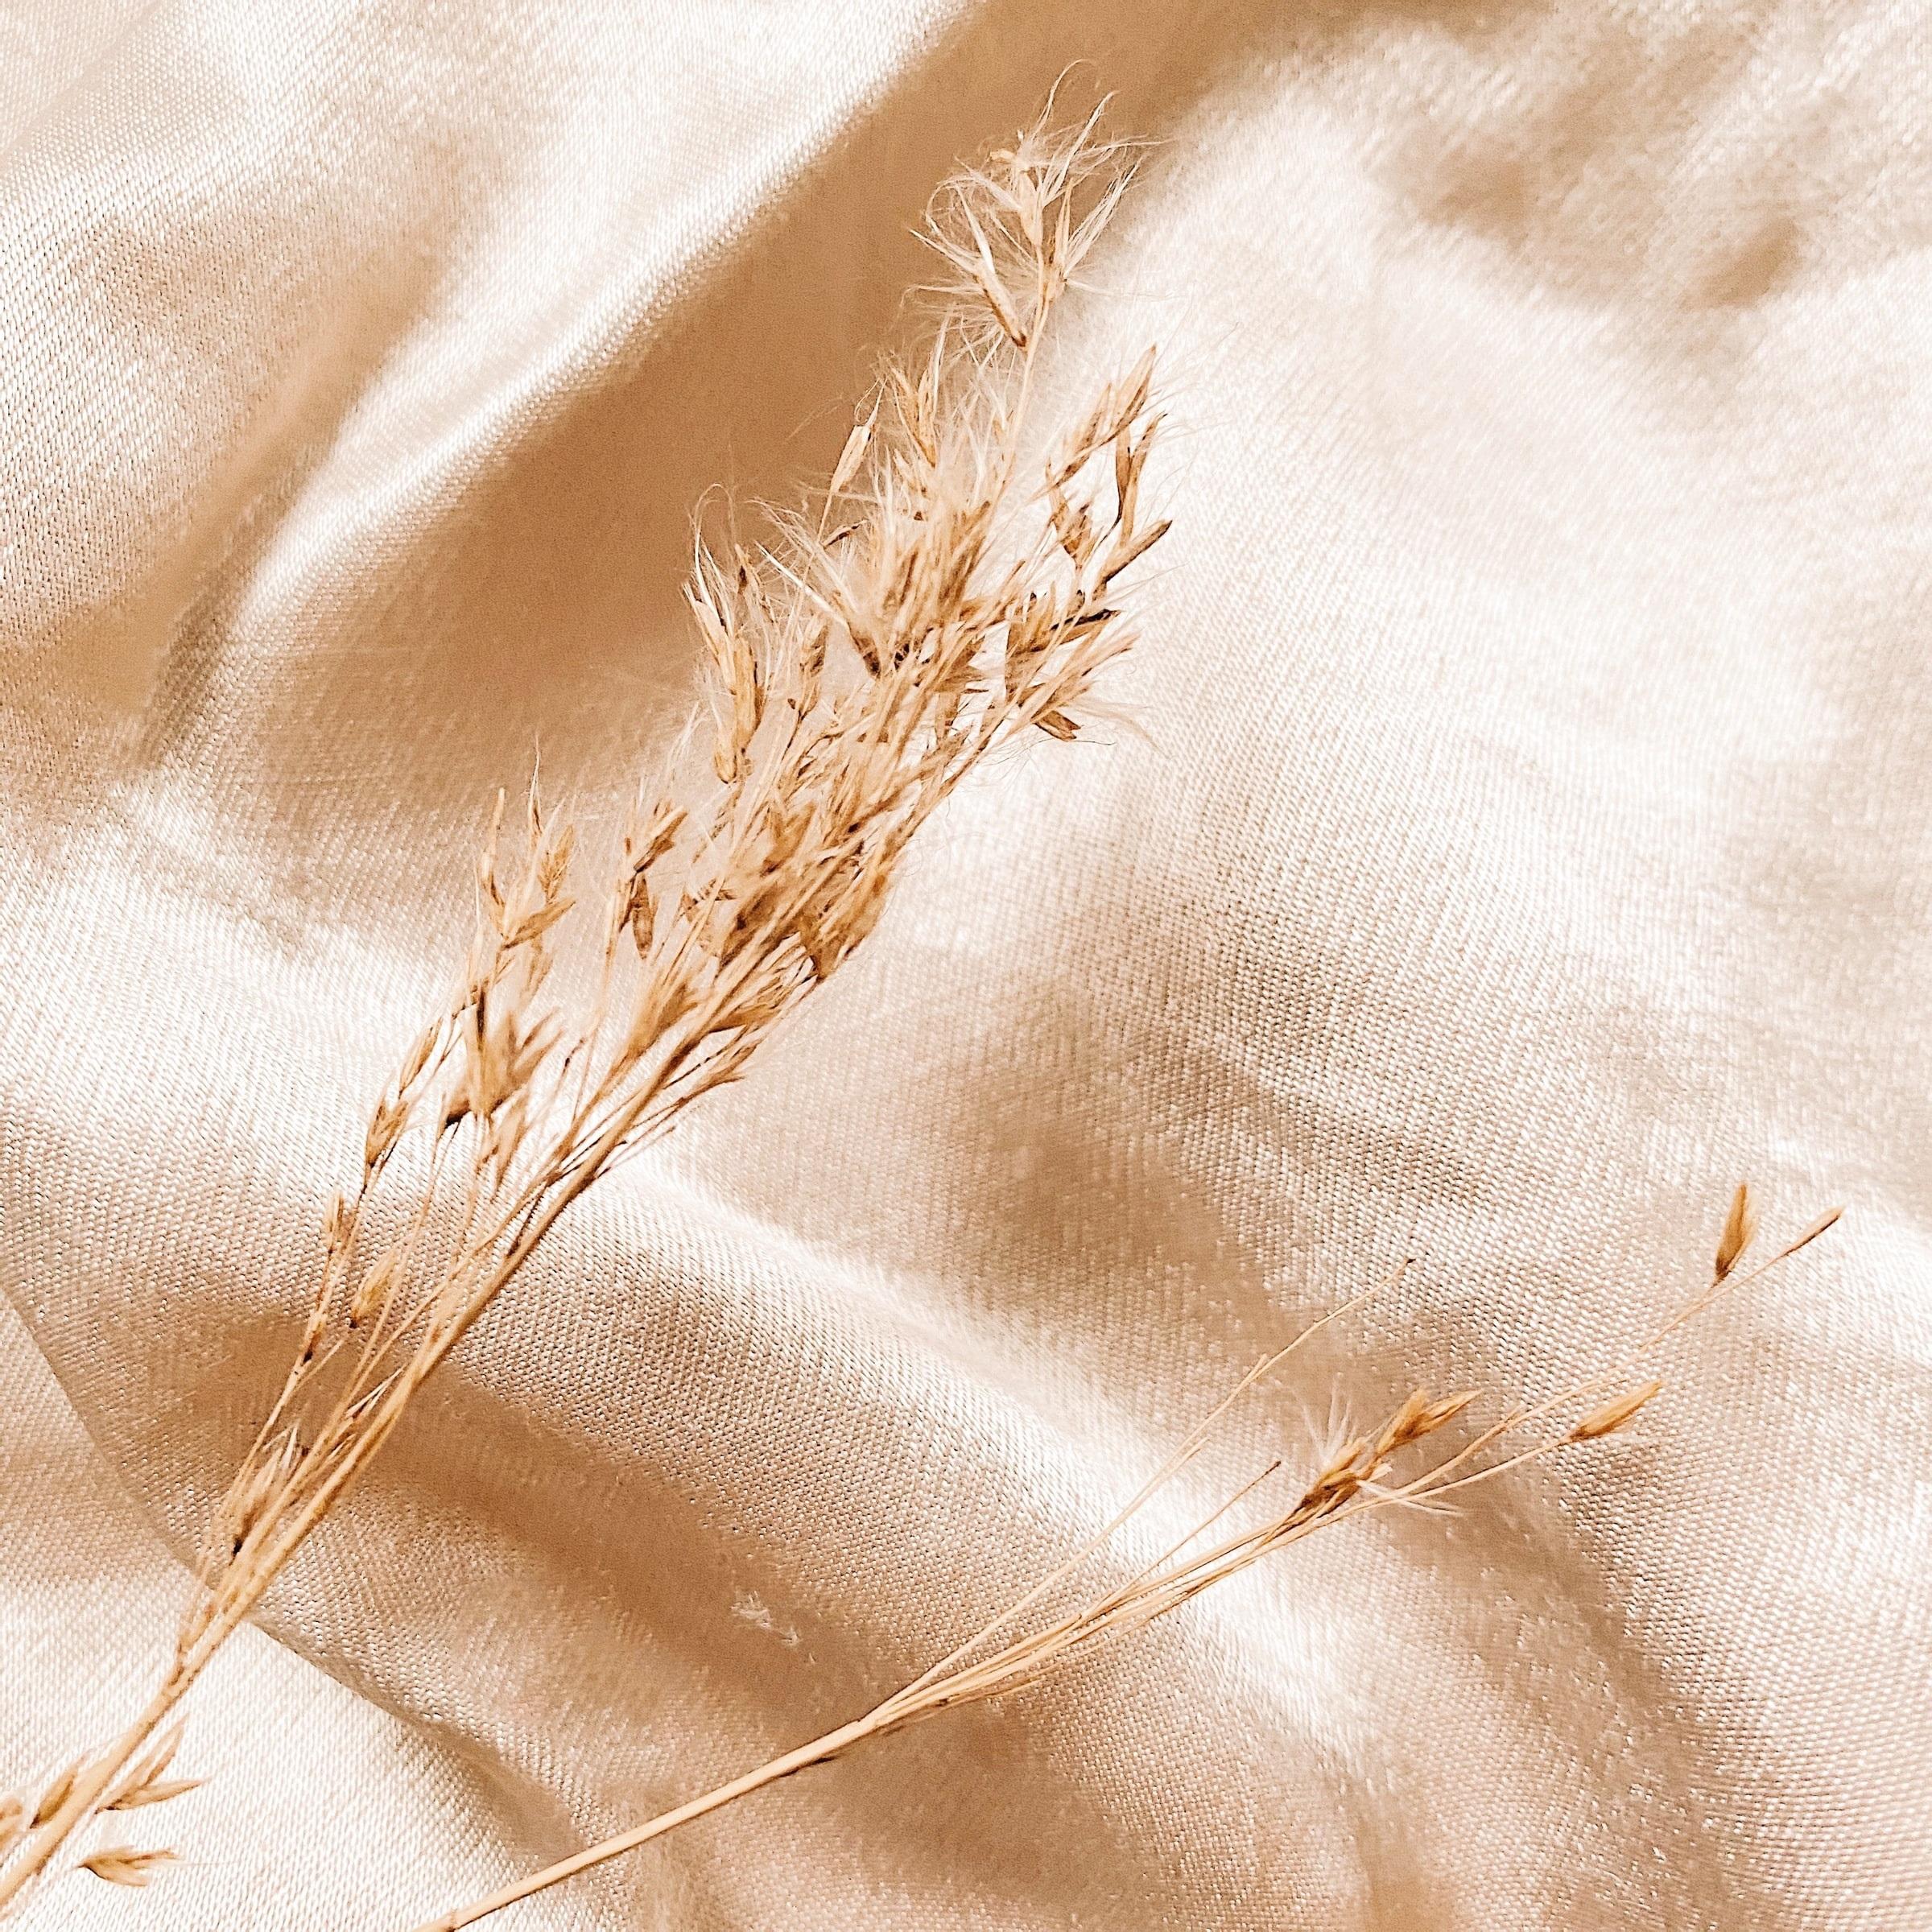 La fibre de lin peut servir à la fabrication de matériaux écologiques tels que les thermoplastiques, les isolants, les emballages et les tapis.